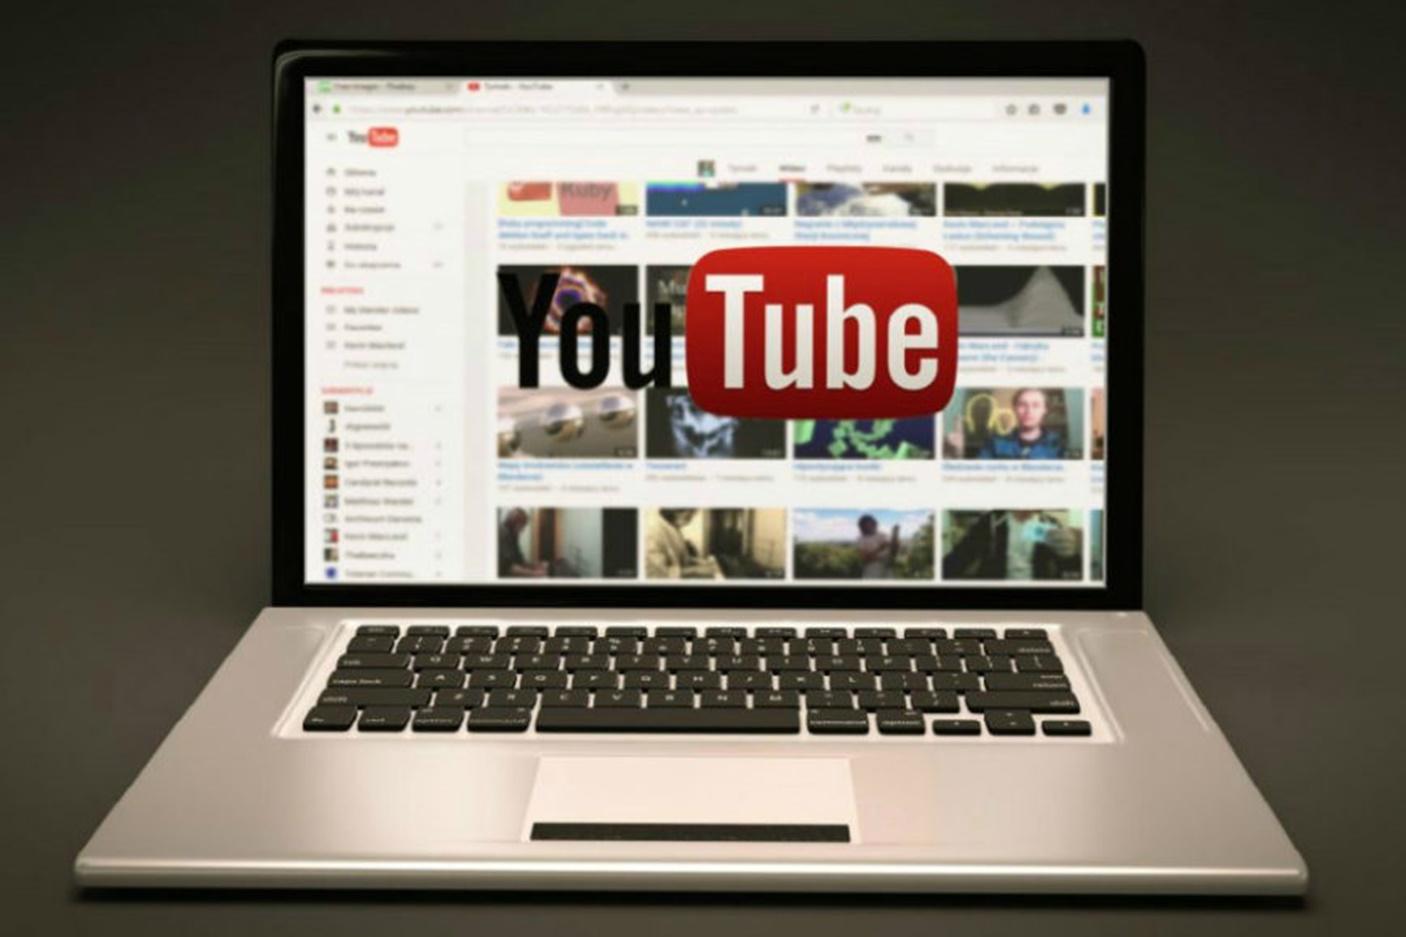 Imagem de STJ: é ilegal pedir remoção de vídeos do YouTube por notificação judicial no tecmundo